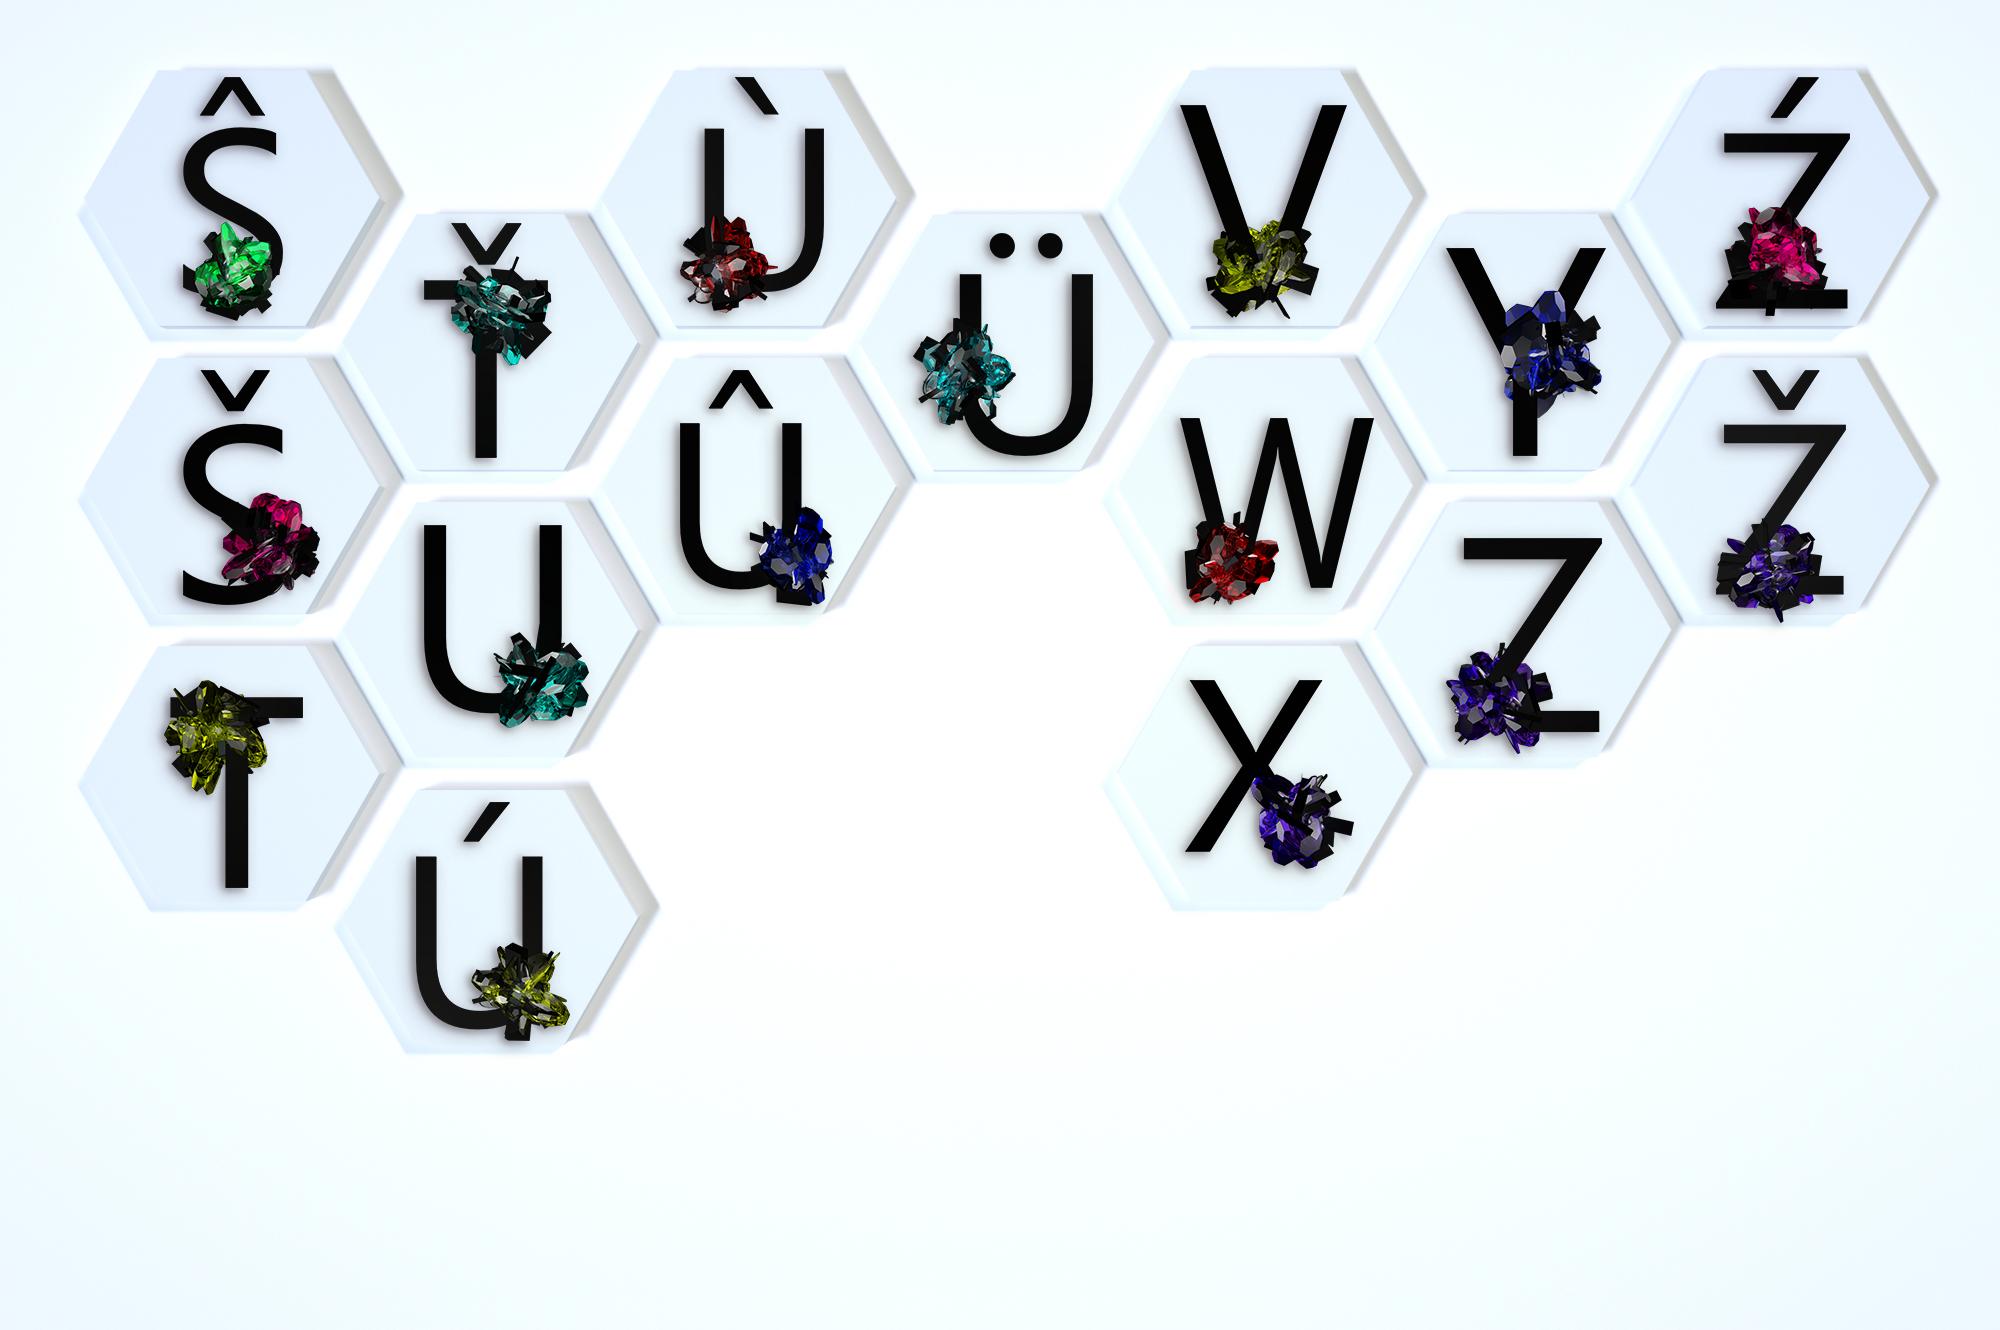 Crystal|Azbuka|Alphabet example image 9